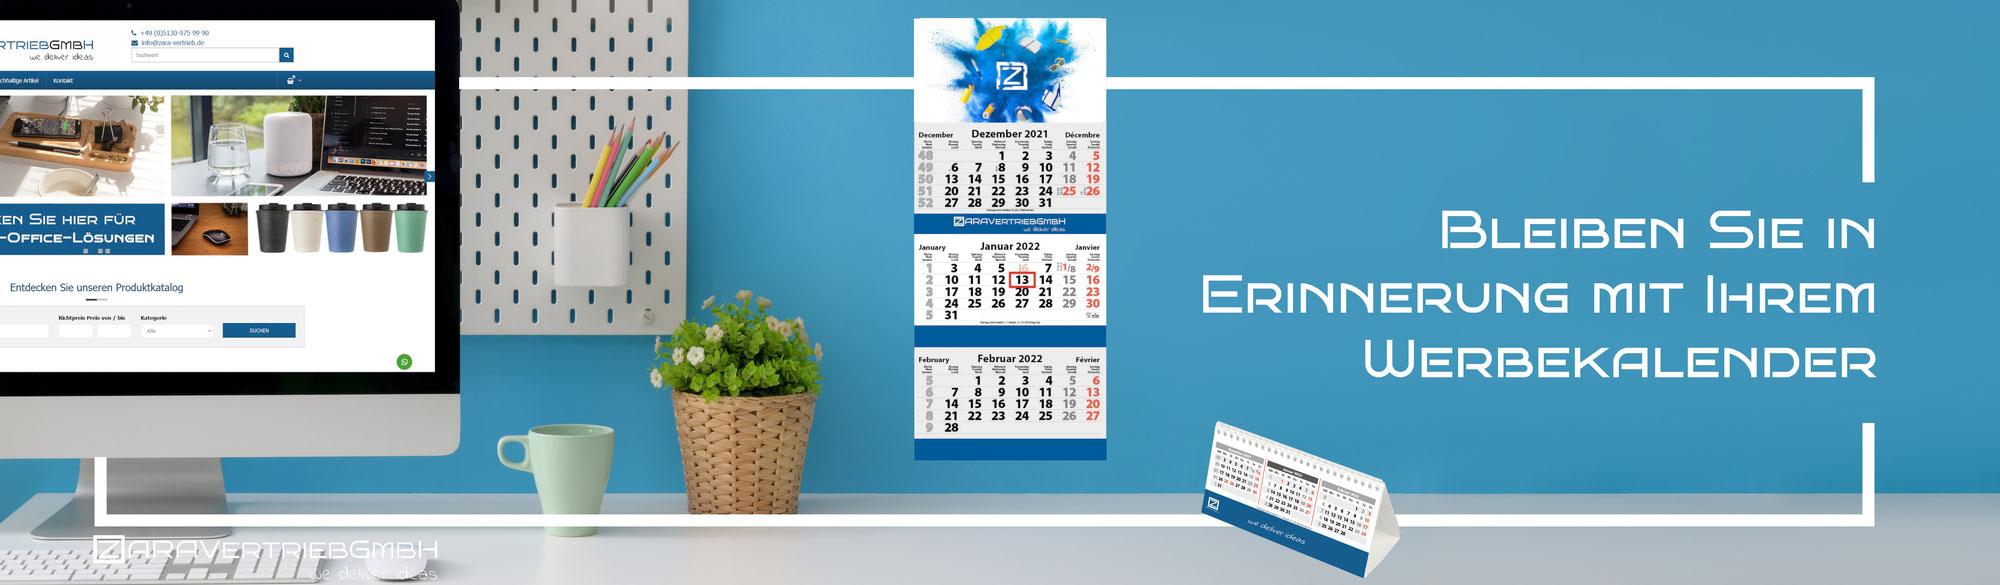 Werbe-Kalender in Ihrem Design